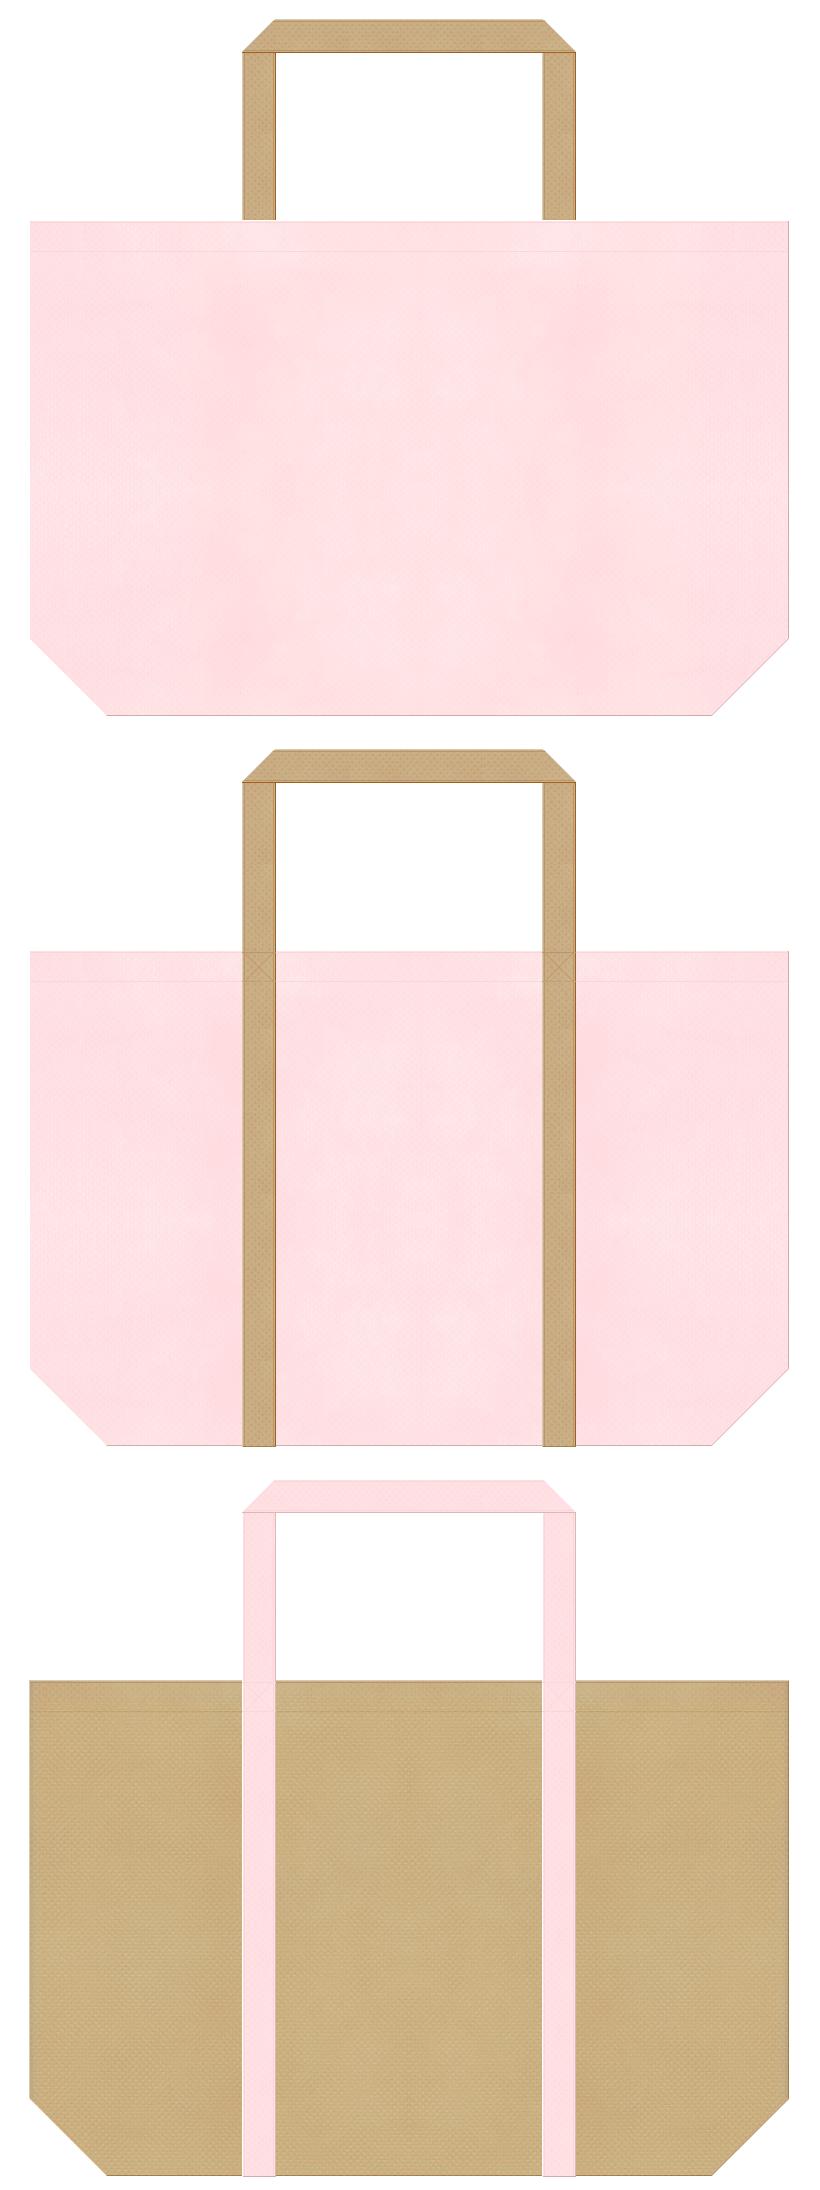 桜色とカーキ色の不織布バッグデザイン。ガーリーファッションのショッピングバッグにお奨めです。